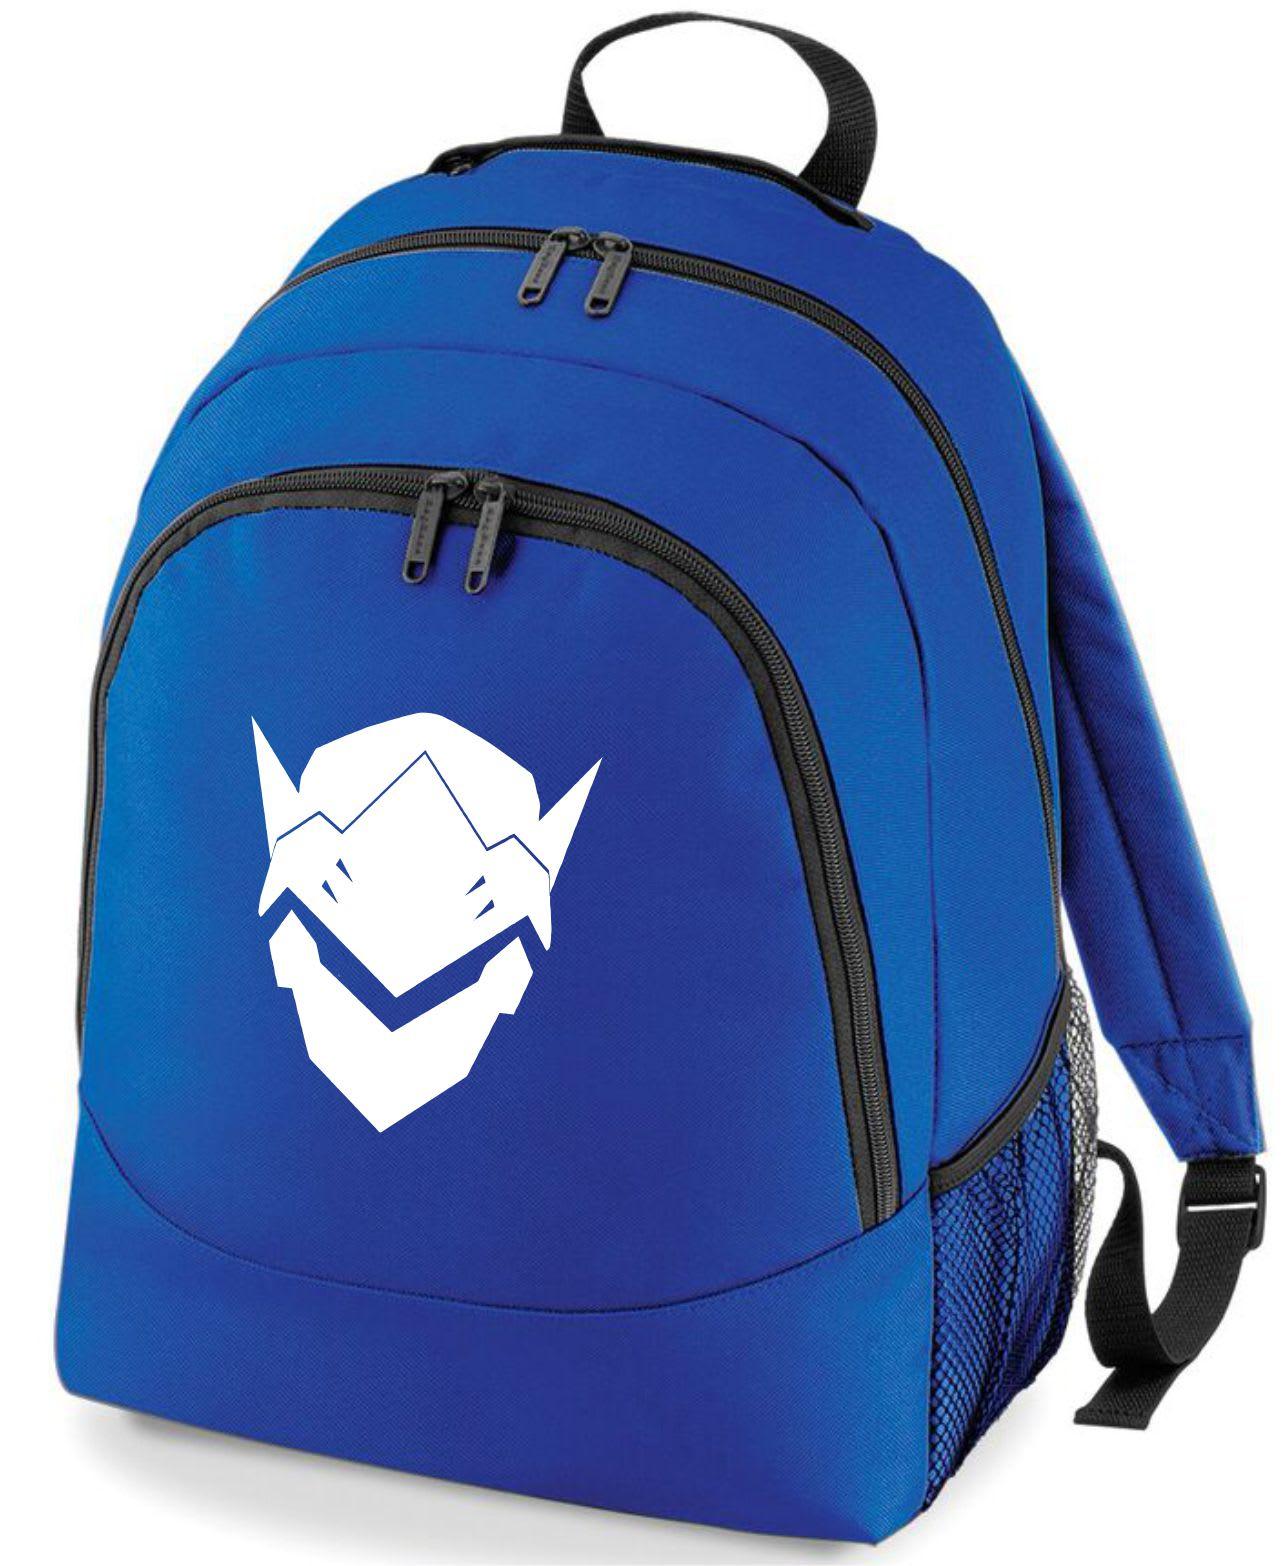 Overwatch Genji Rucksack Bag